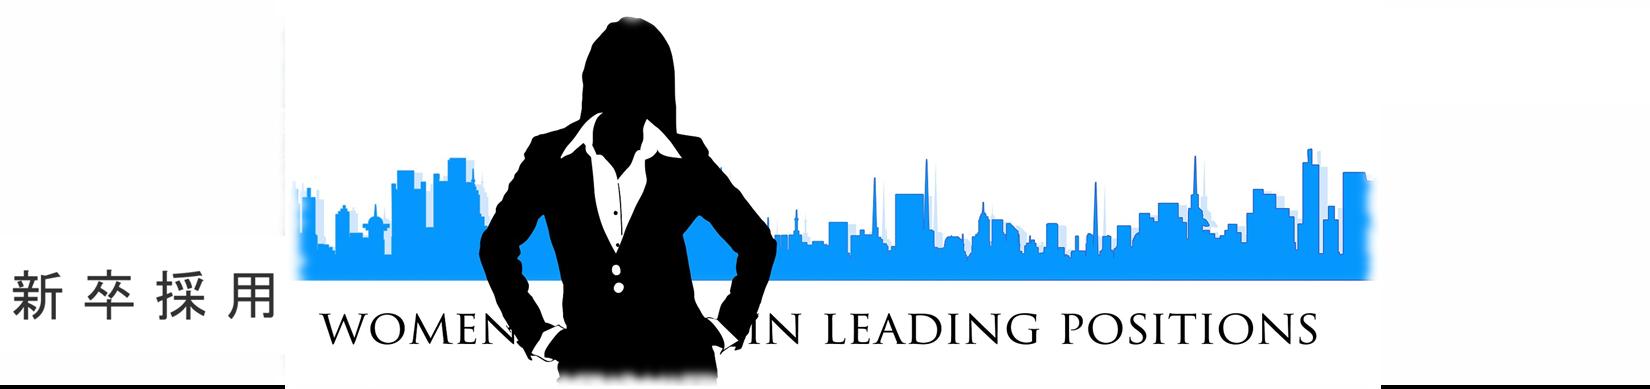 新卒採用 新卒 女性 オフィスビル アイキャッチ